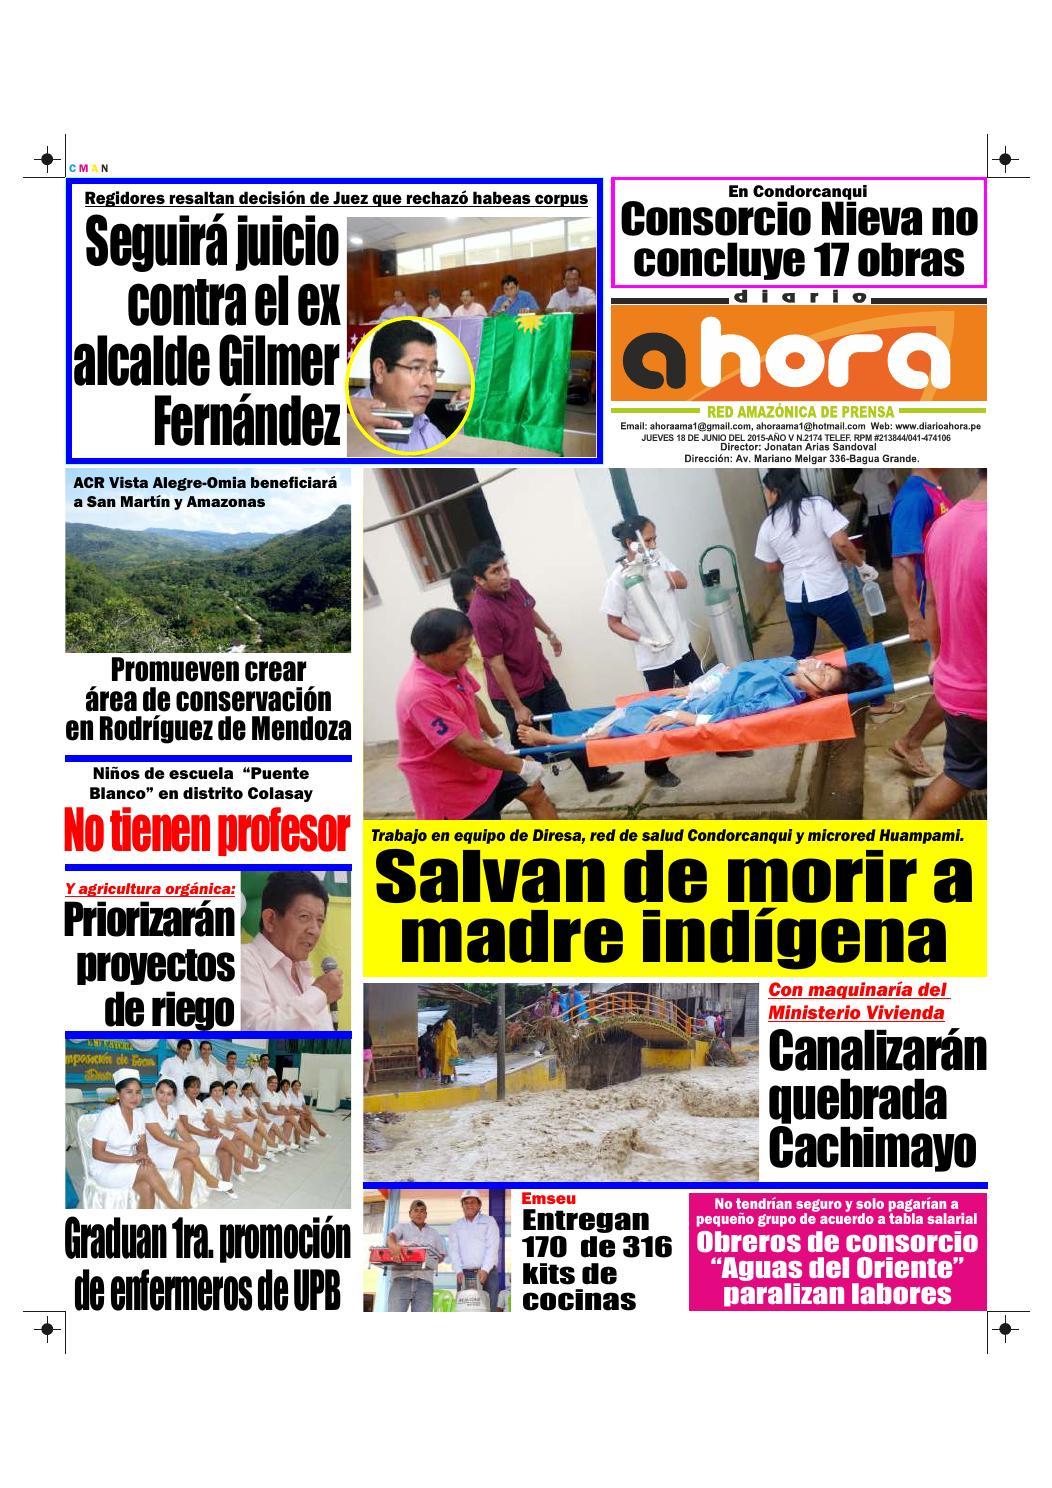 18 06 15 diario ahora amazonas by Jonatan Arias - issuu